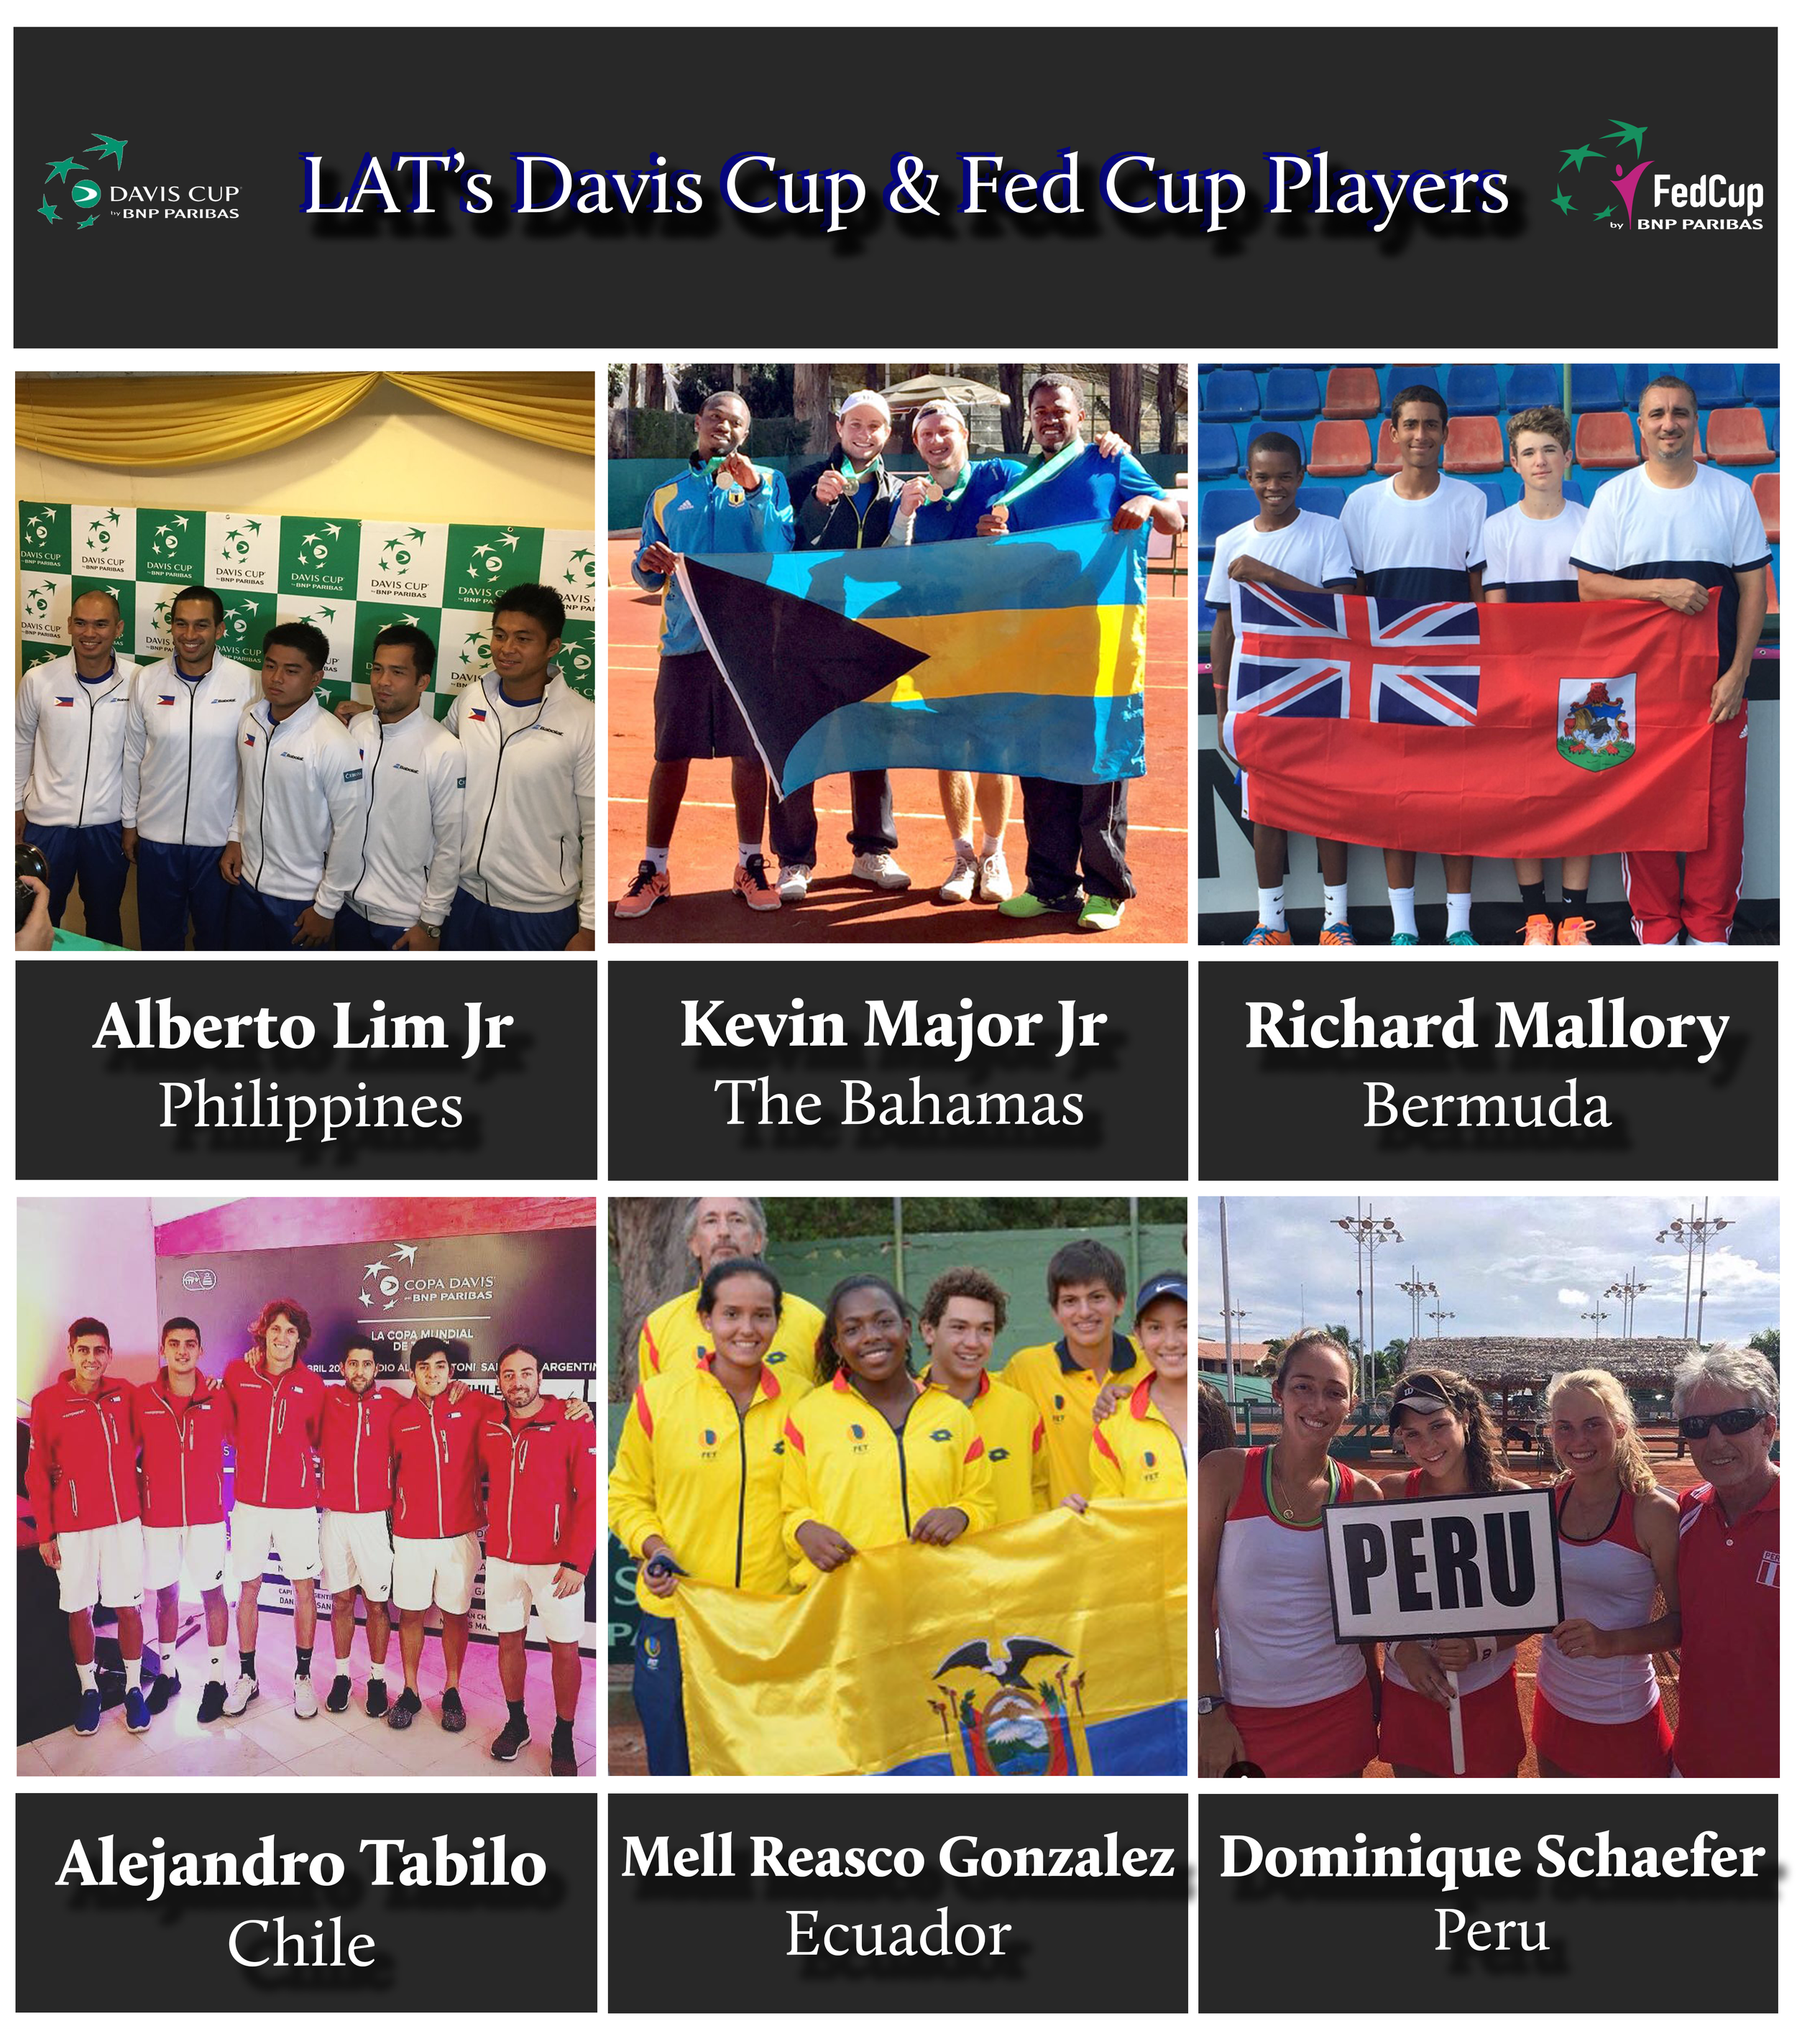 daviscup-1.png Website.png